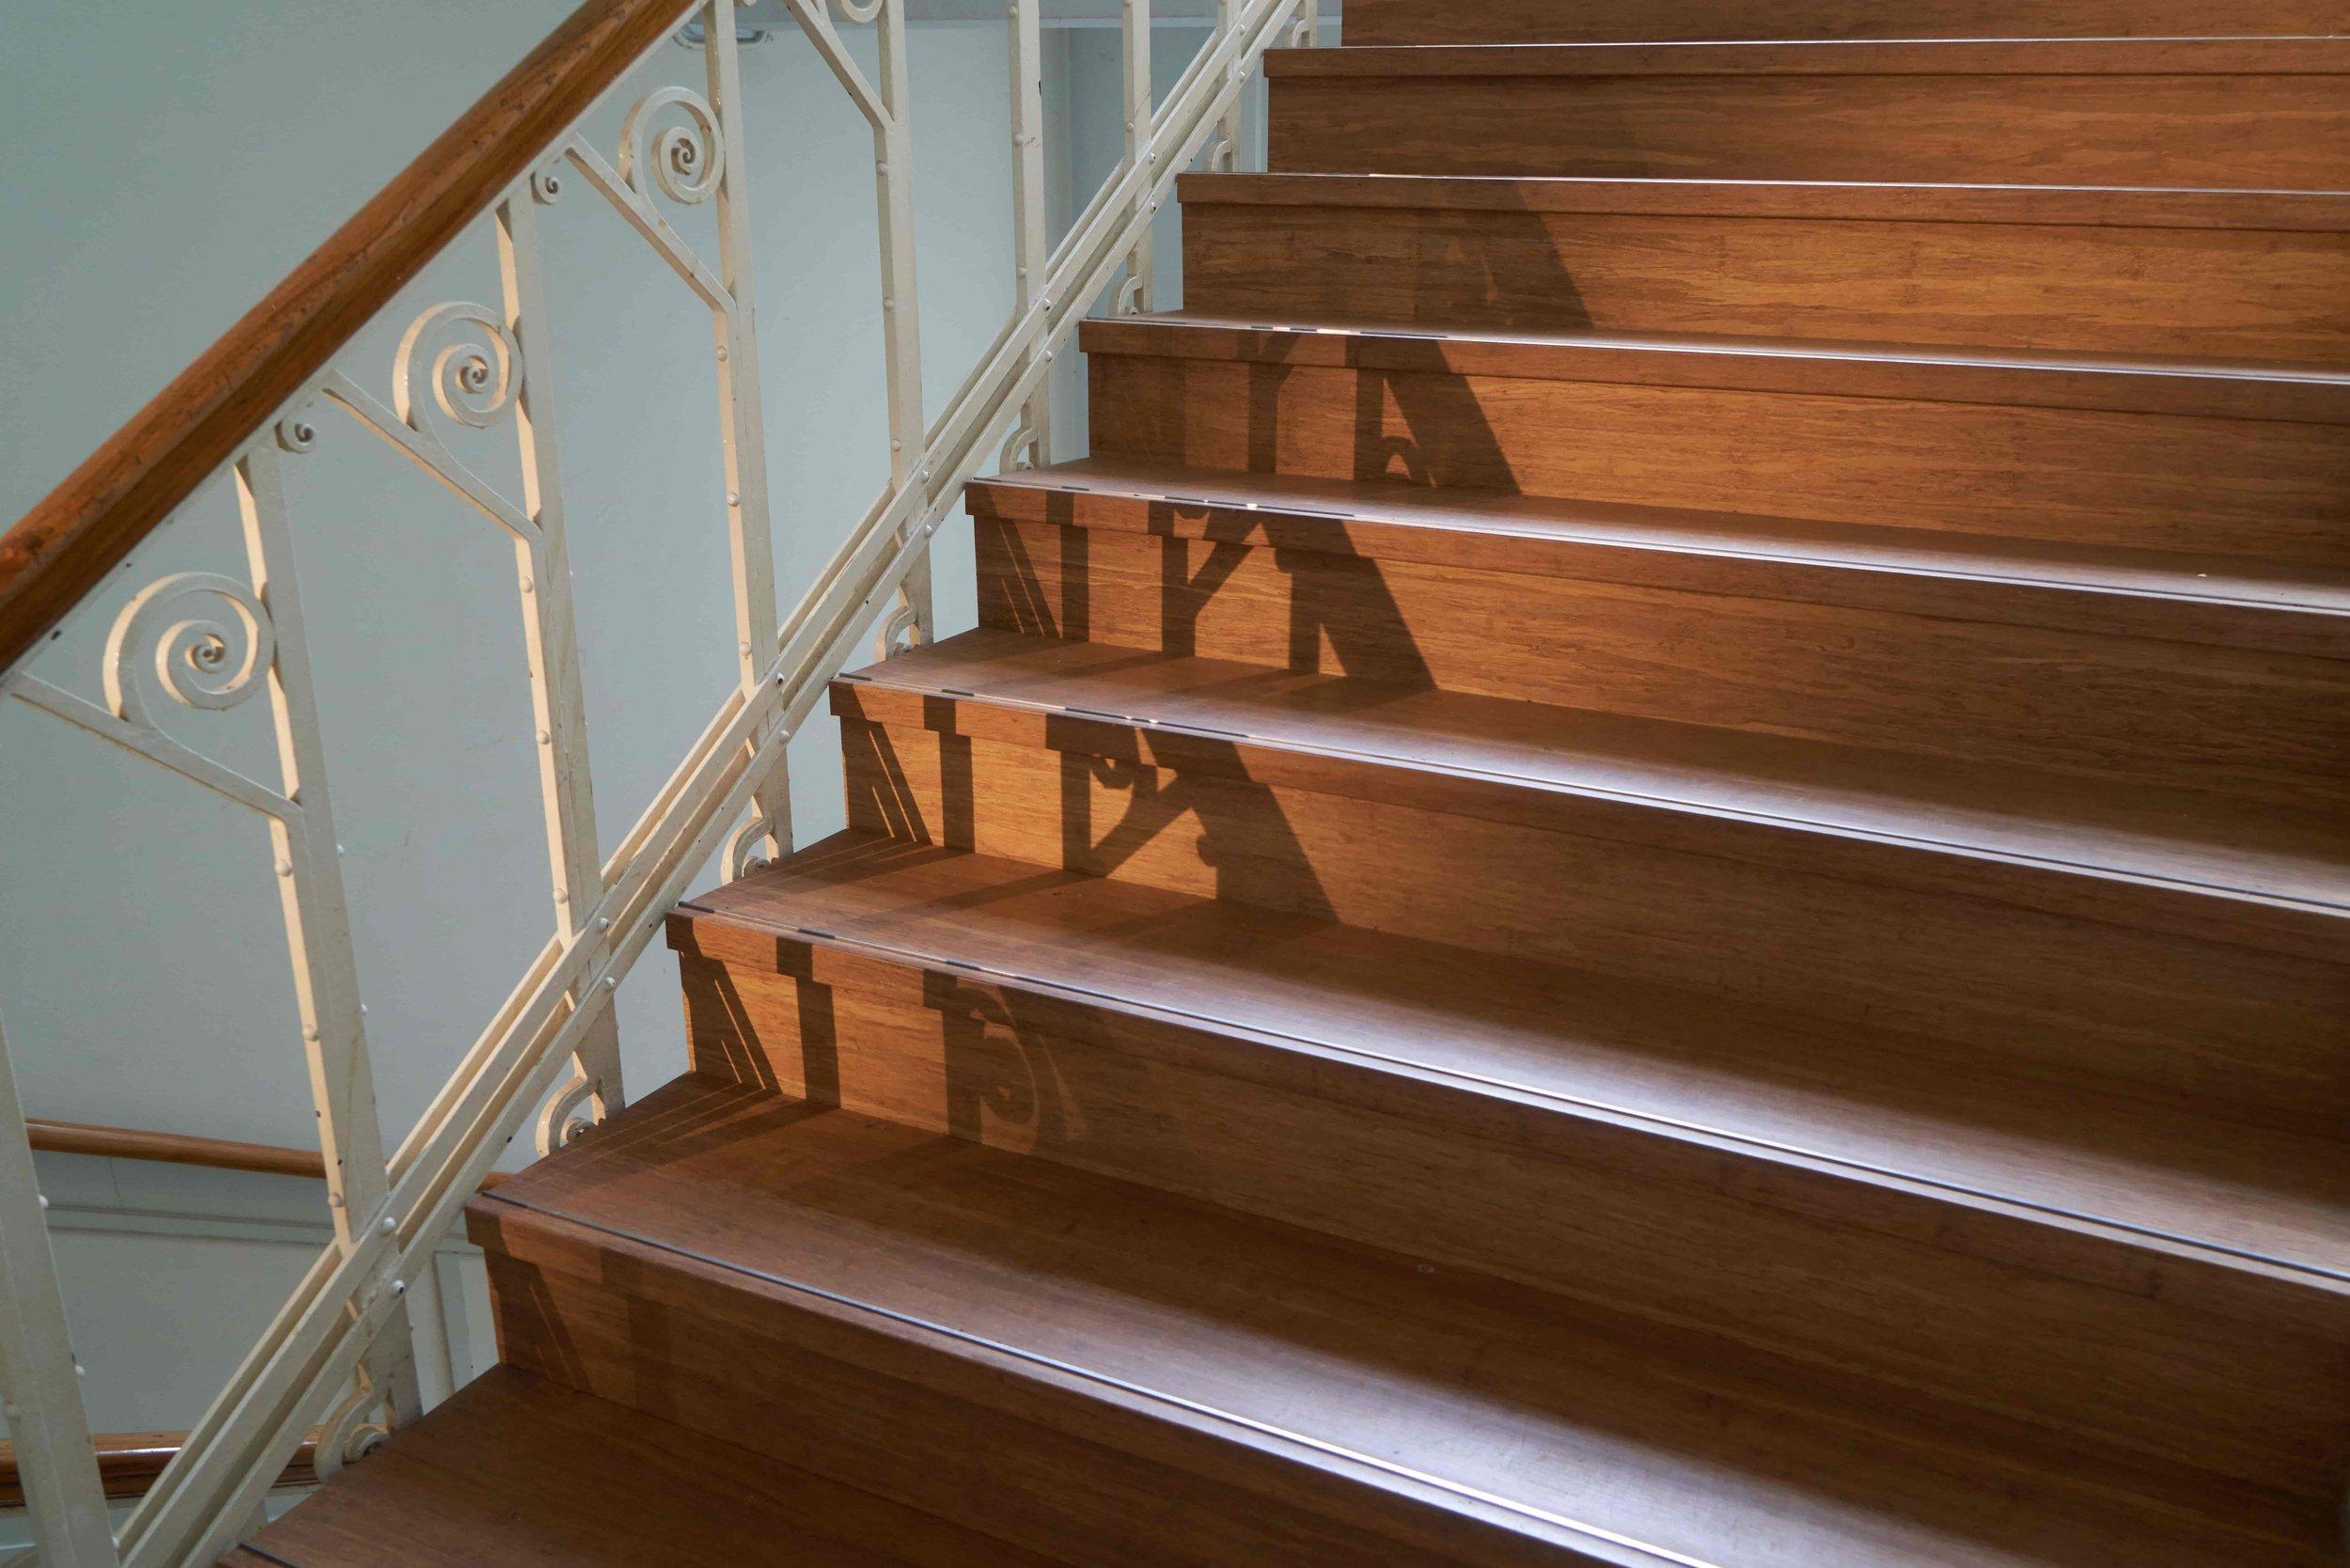 KOSA-bamboo-stairs-classic-min.jpg